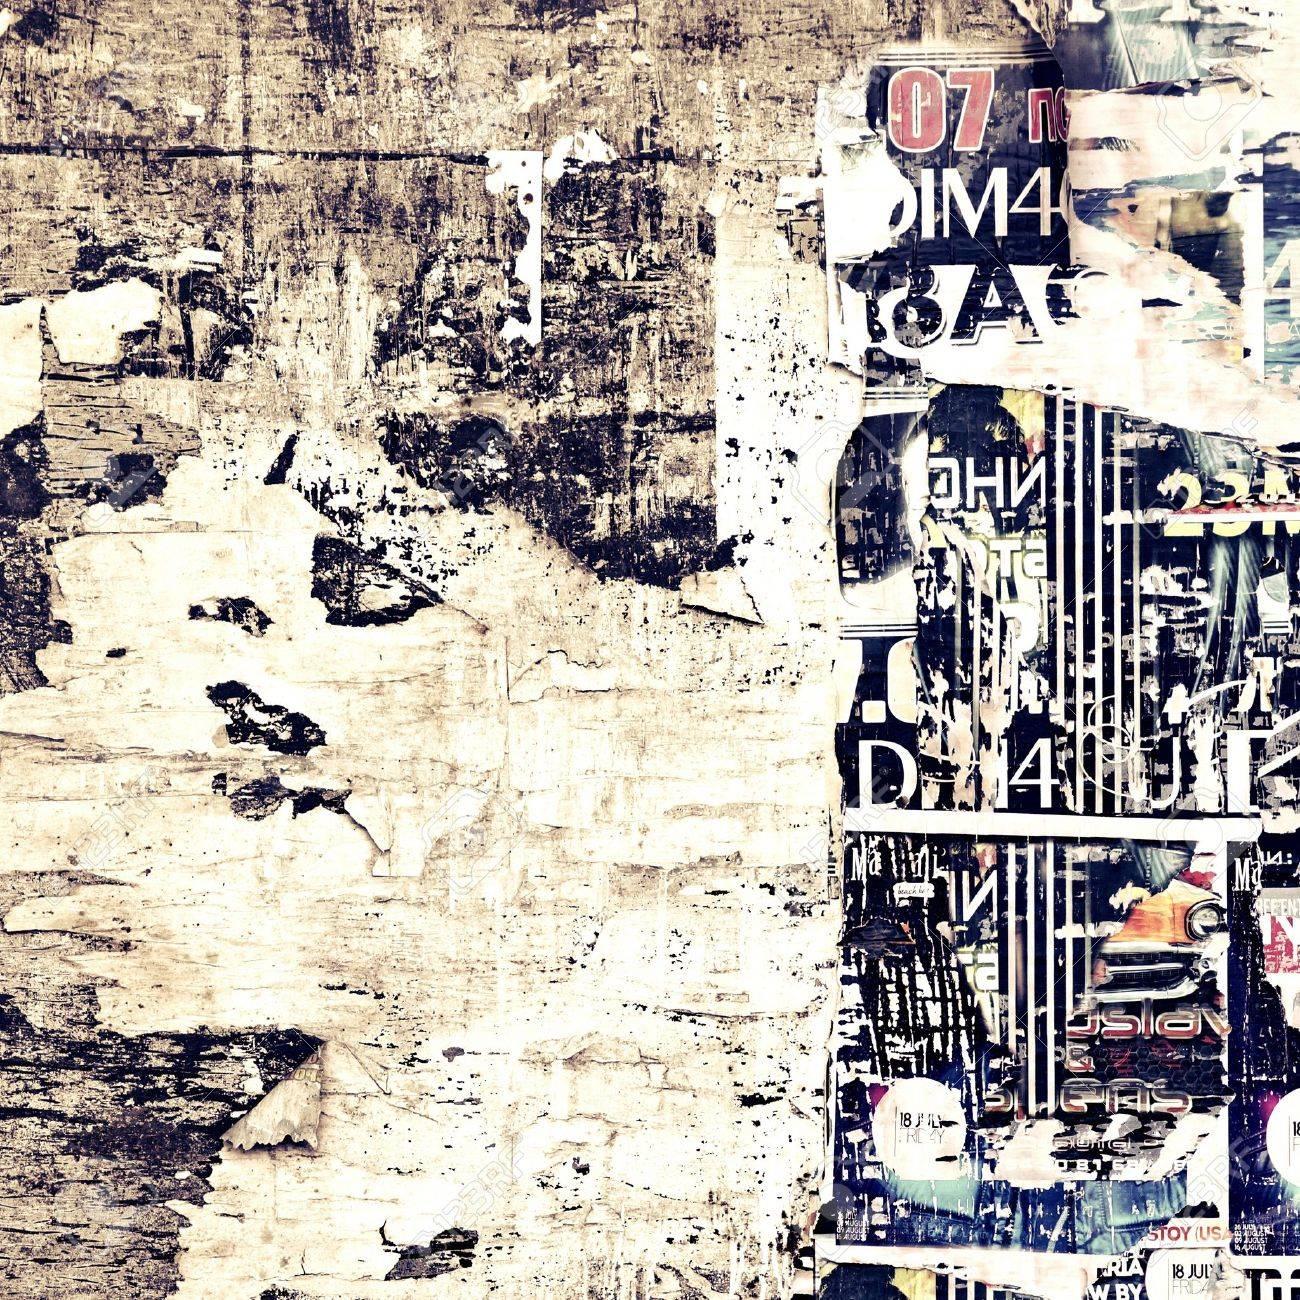 Alten Verwitterten Holz Plakatwand Mit Zerrissenen Poster Weinlese